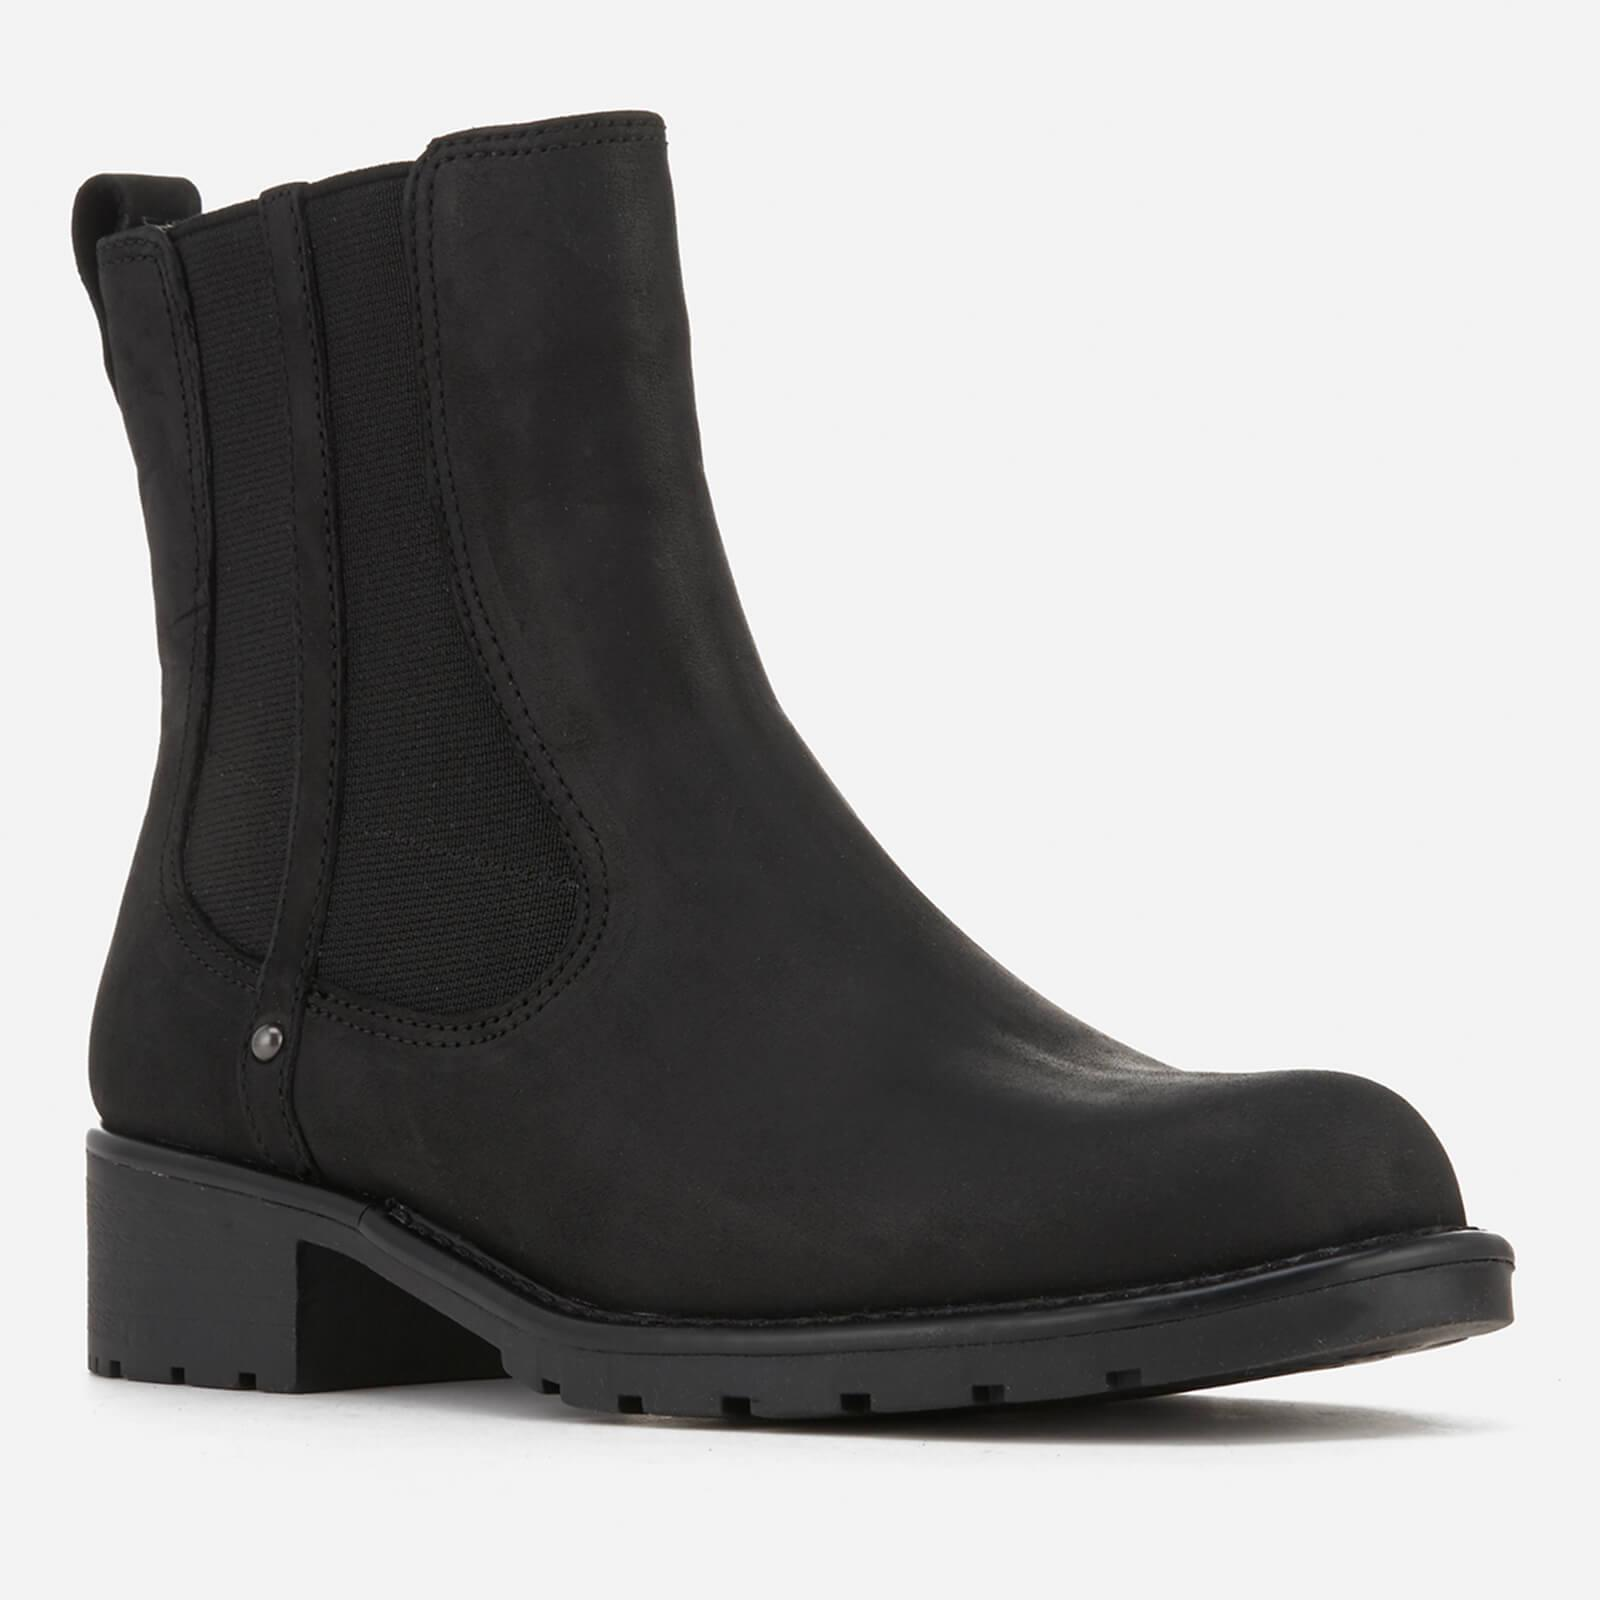 New Teva Anaya Chelsea Waterproof Boot - Womens online